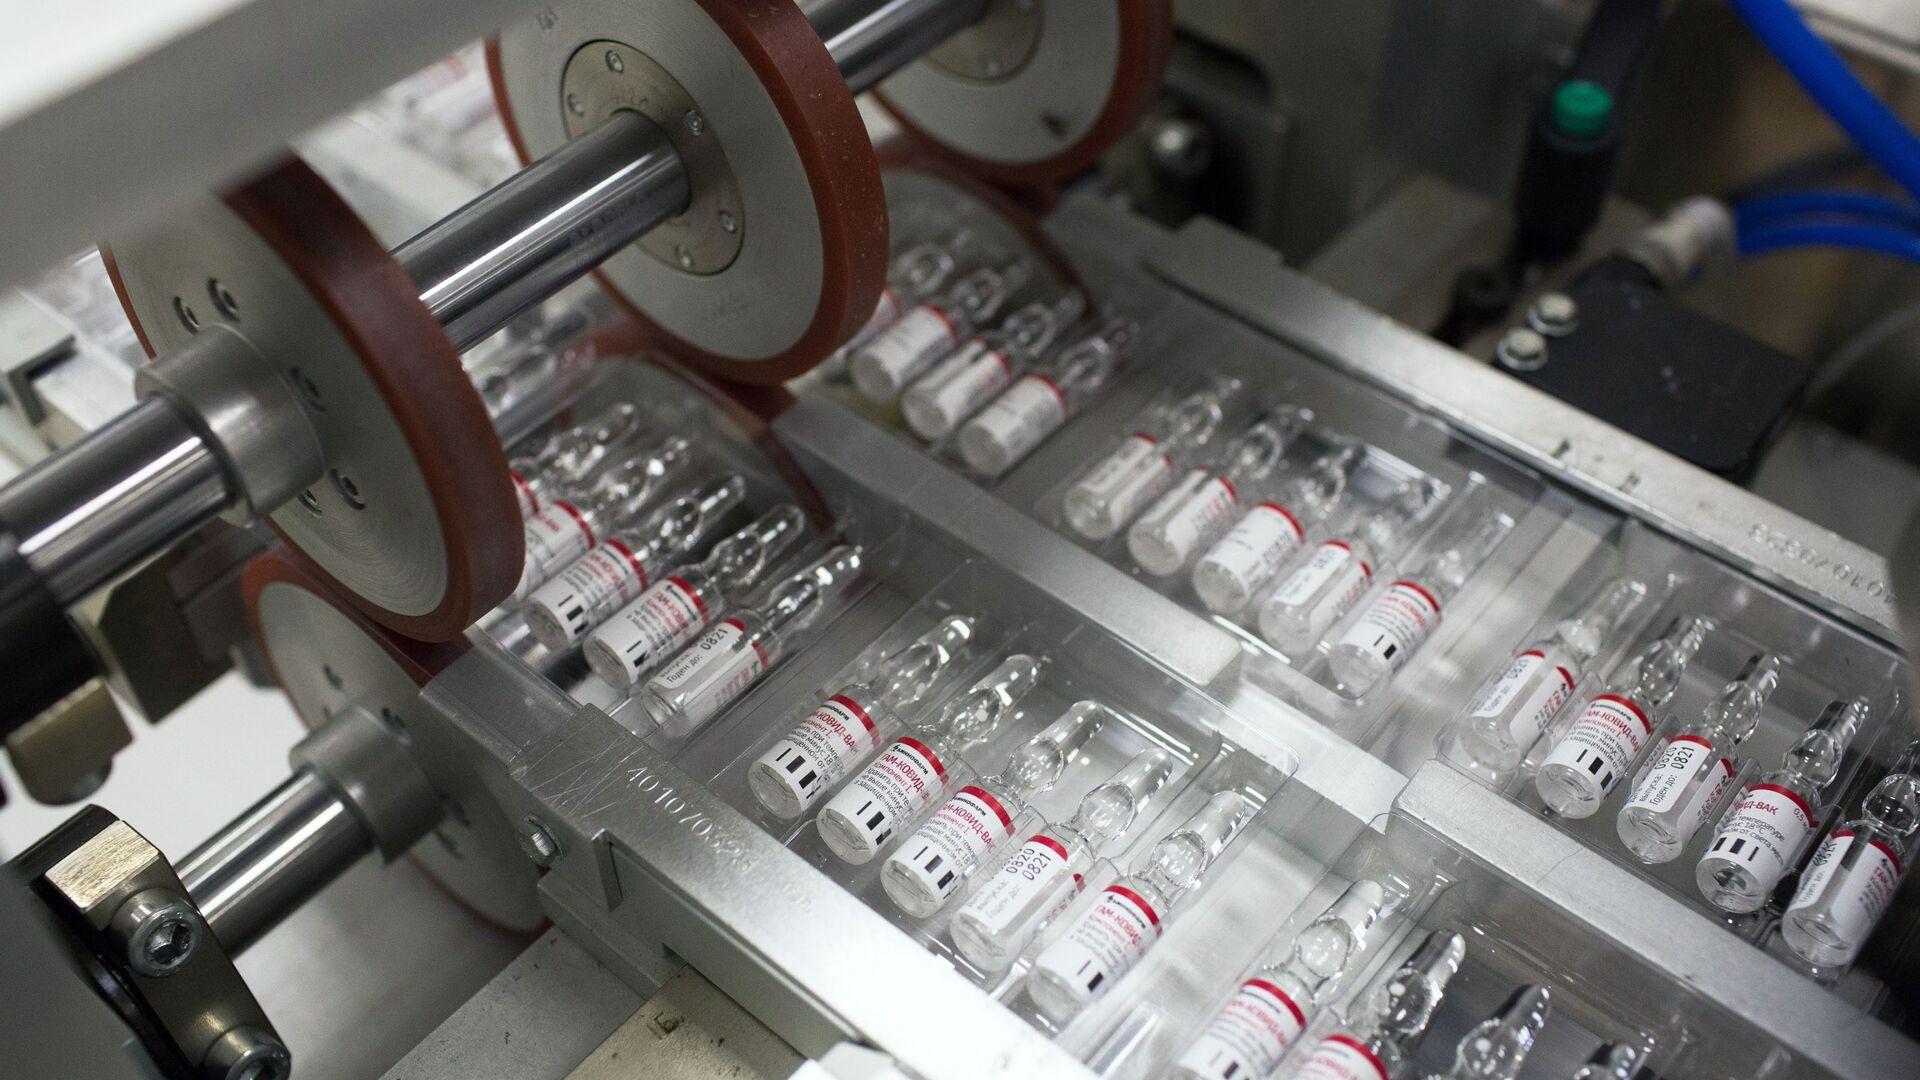 Producción de la vacuna contra coronavirus - Sputnik Mundo, 1920, 07.03.2021